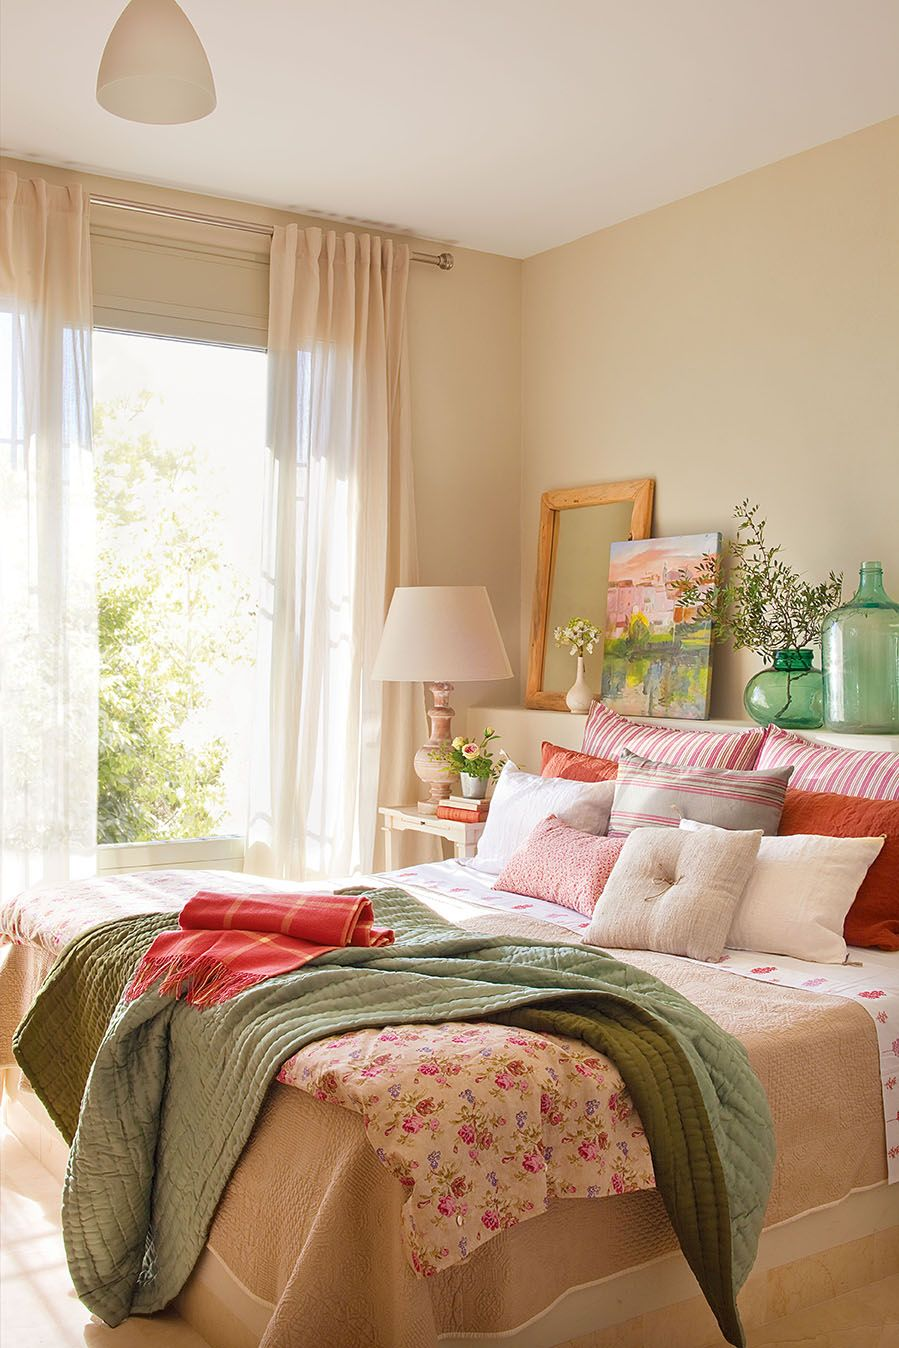 Dormitorios decorados seg n el feng shui para mantener for Feng shui vigas en el dormitorio